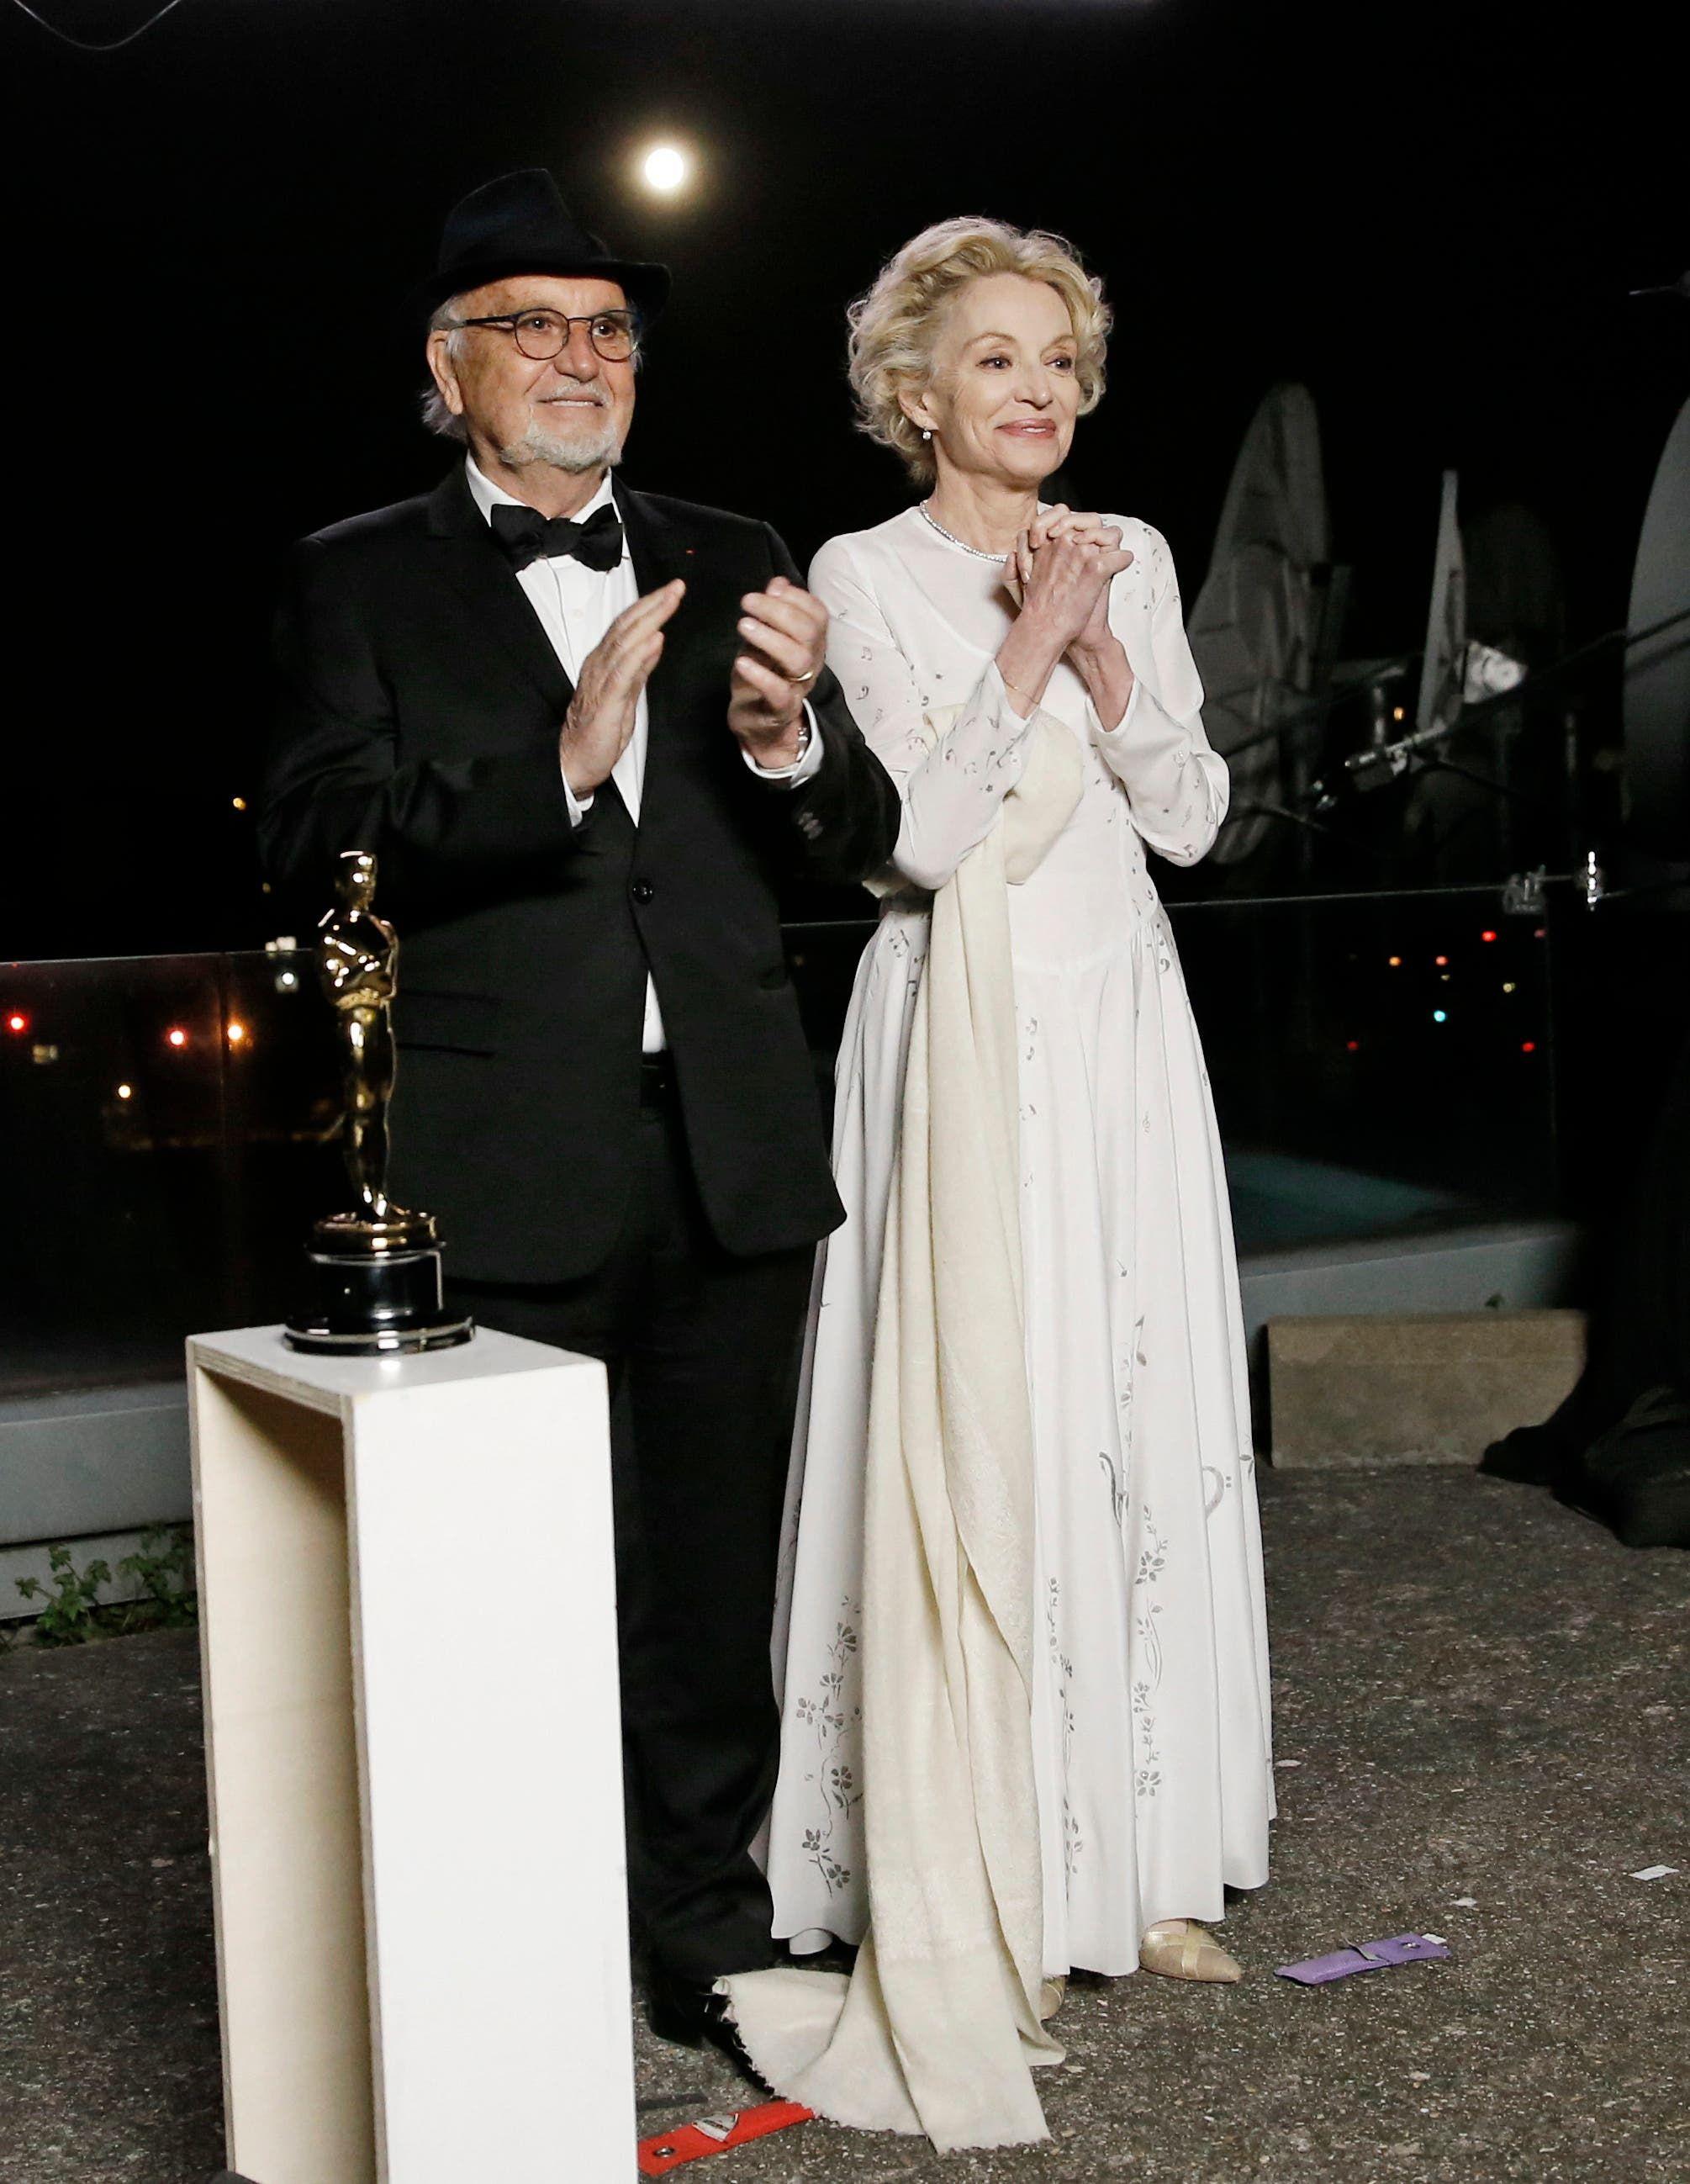 من اليسار إلى اليمين، جان لويس ليفي وكارولين سيلهول يحضران عرض حفل توزيع جوائز الأوسكار في باريس